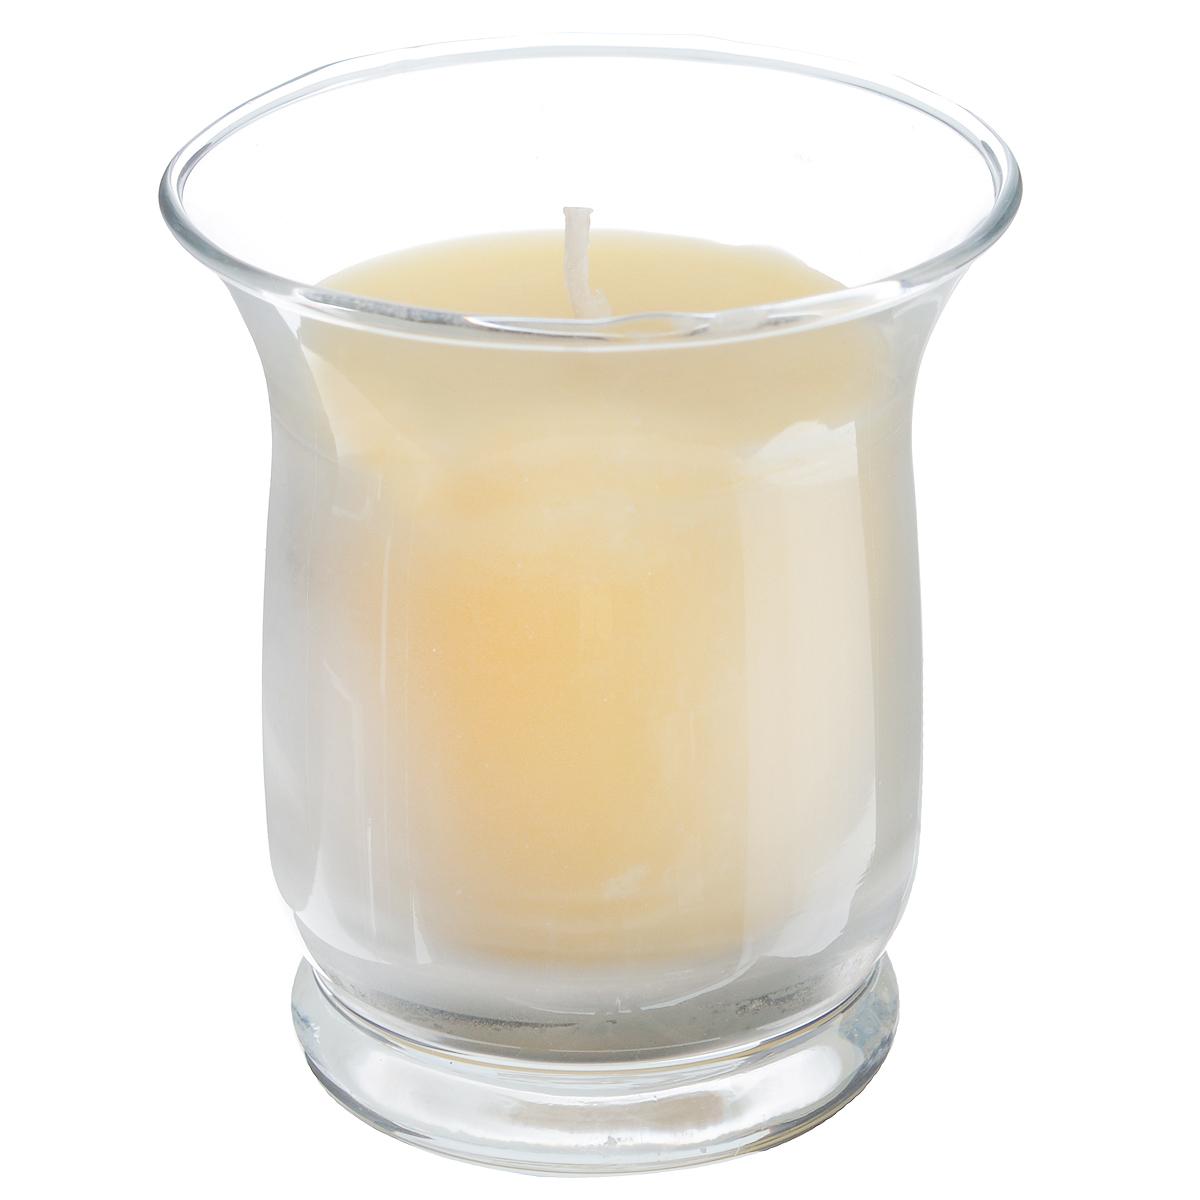 Свеча ароматизированная Sima-land Романтика, с ароматом ванили, высота 7,5 см849630Ароматизированная свеча в стеклянном стаканчике Sima-land Романтика изготовлена из цветного воска. Изделие отличается оригинальным дизайном и приятным ароматом ванили. Такая свеча может стать отличным подарком или дополнить интерьер вашей комнаты.